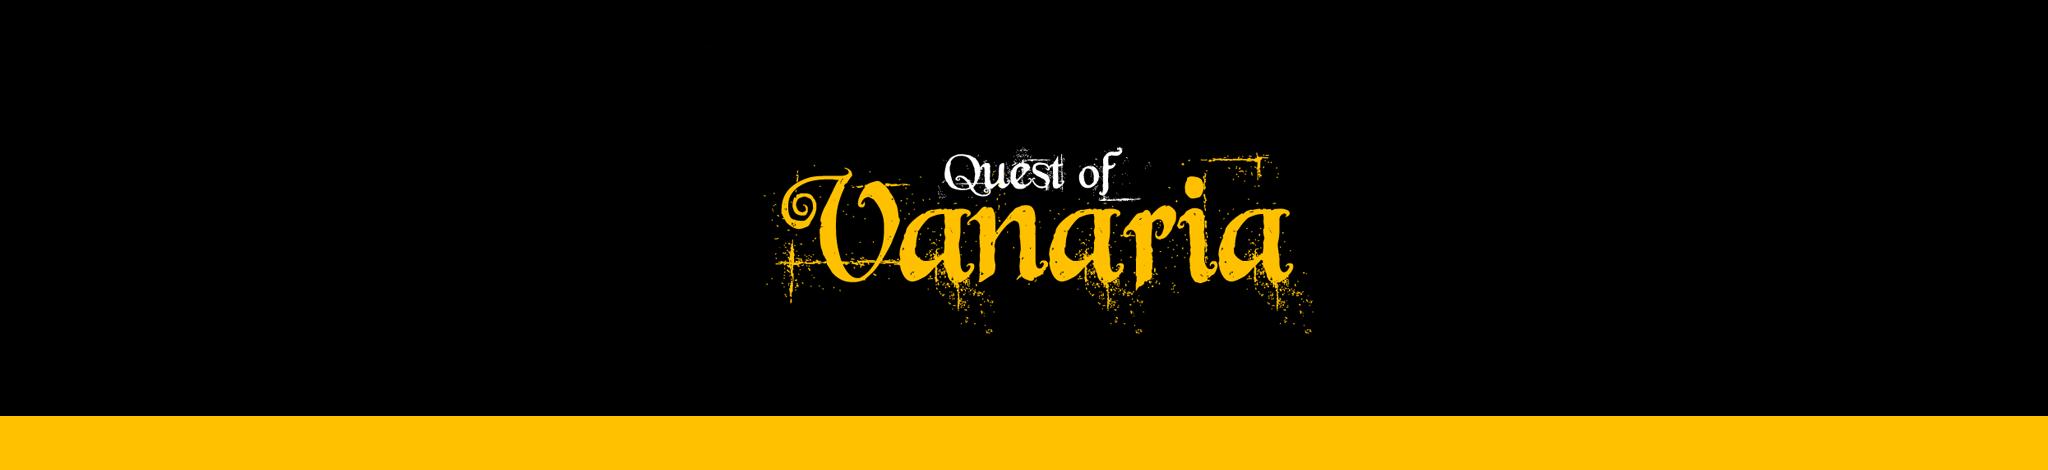 Quest of Vanaria